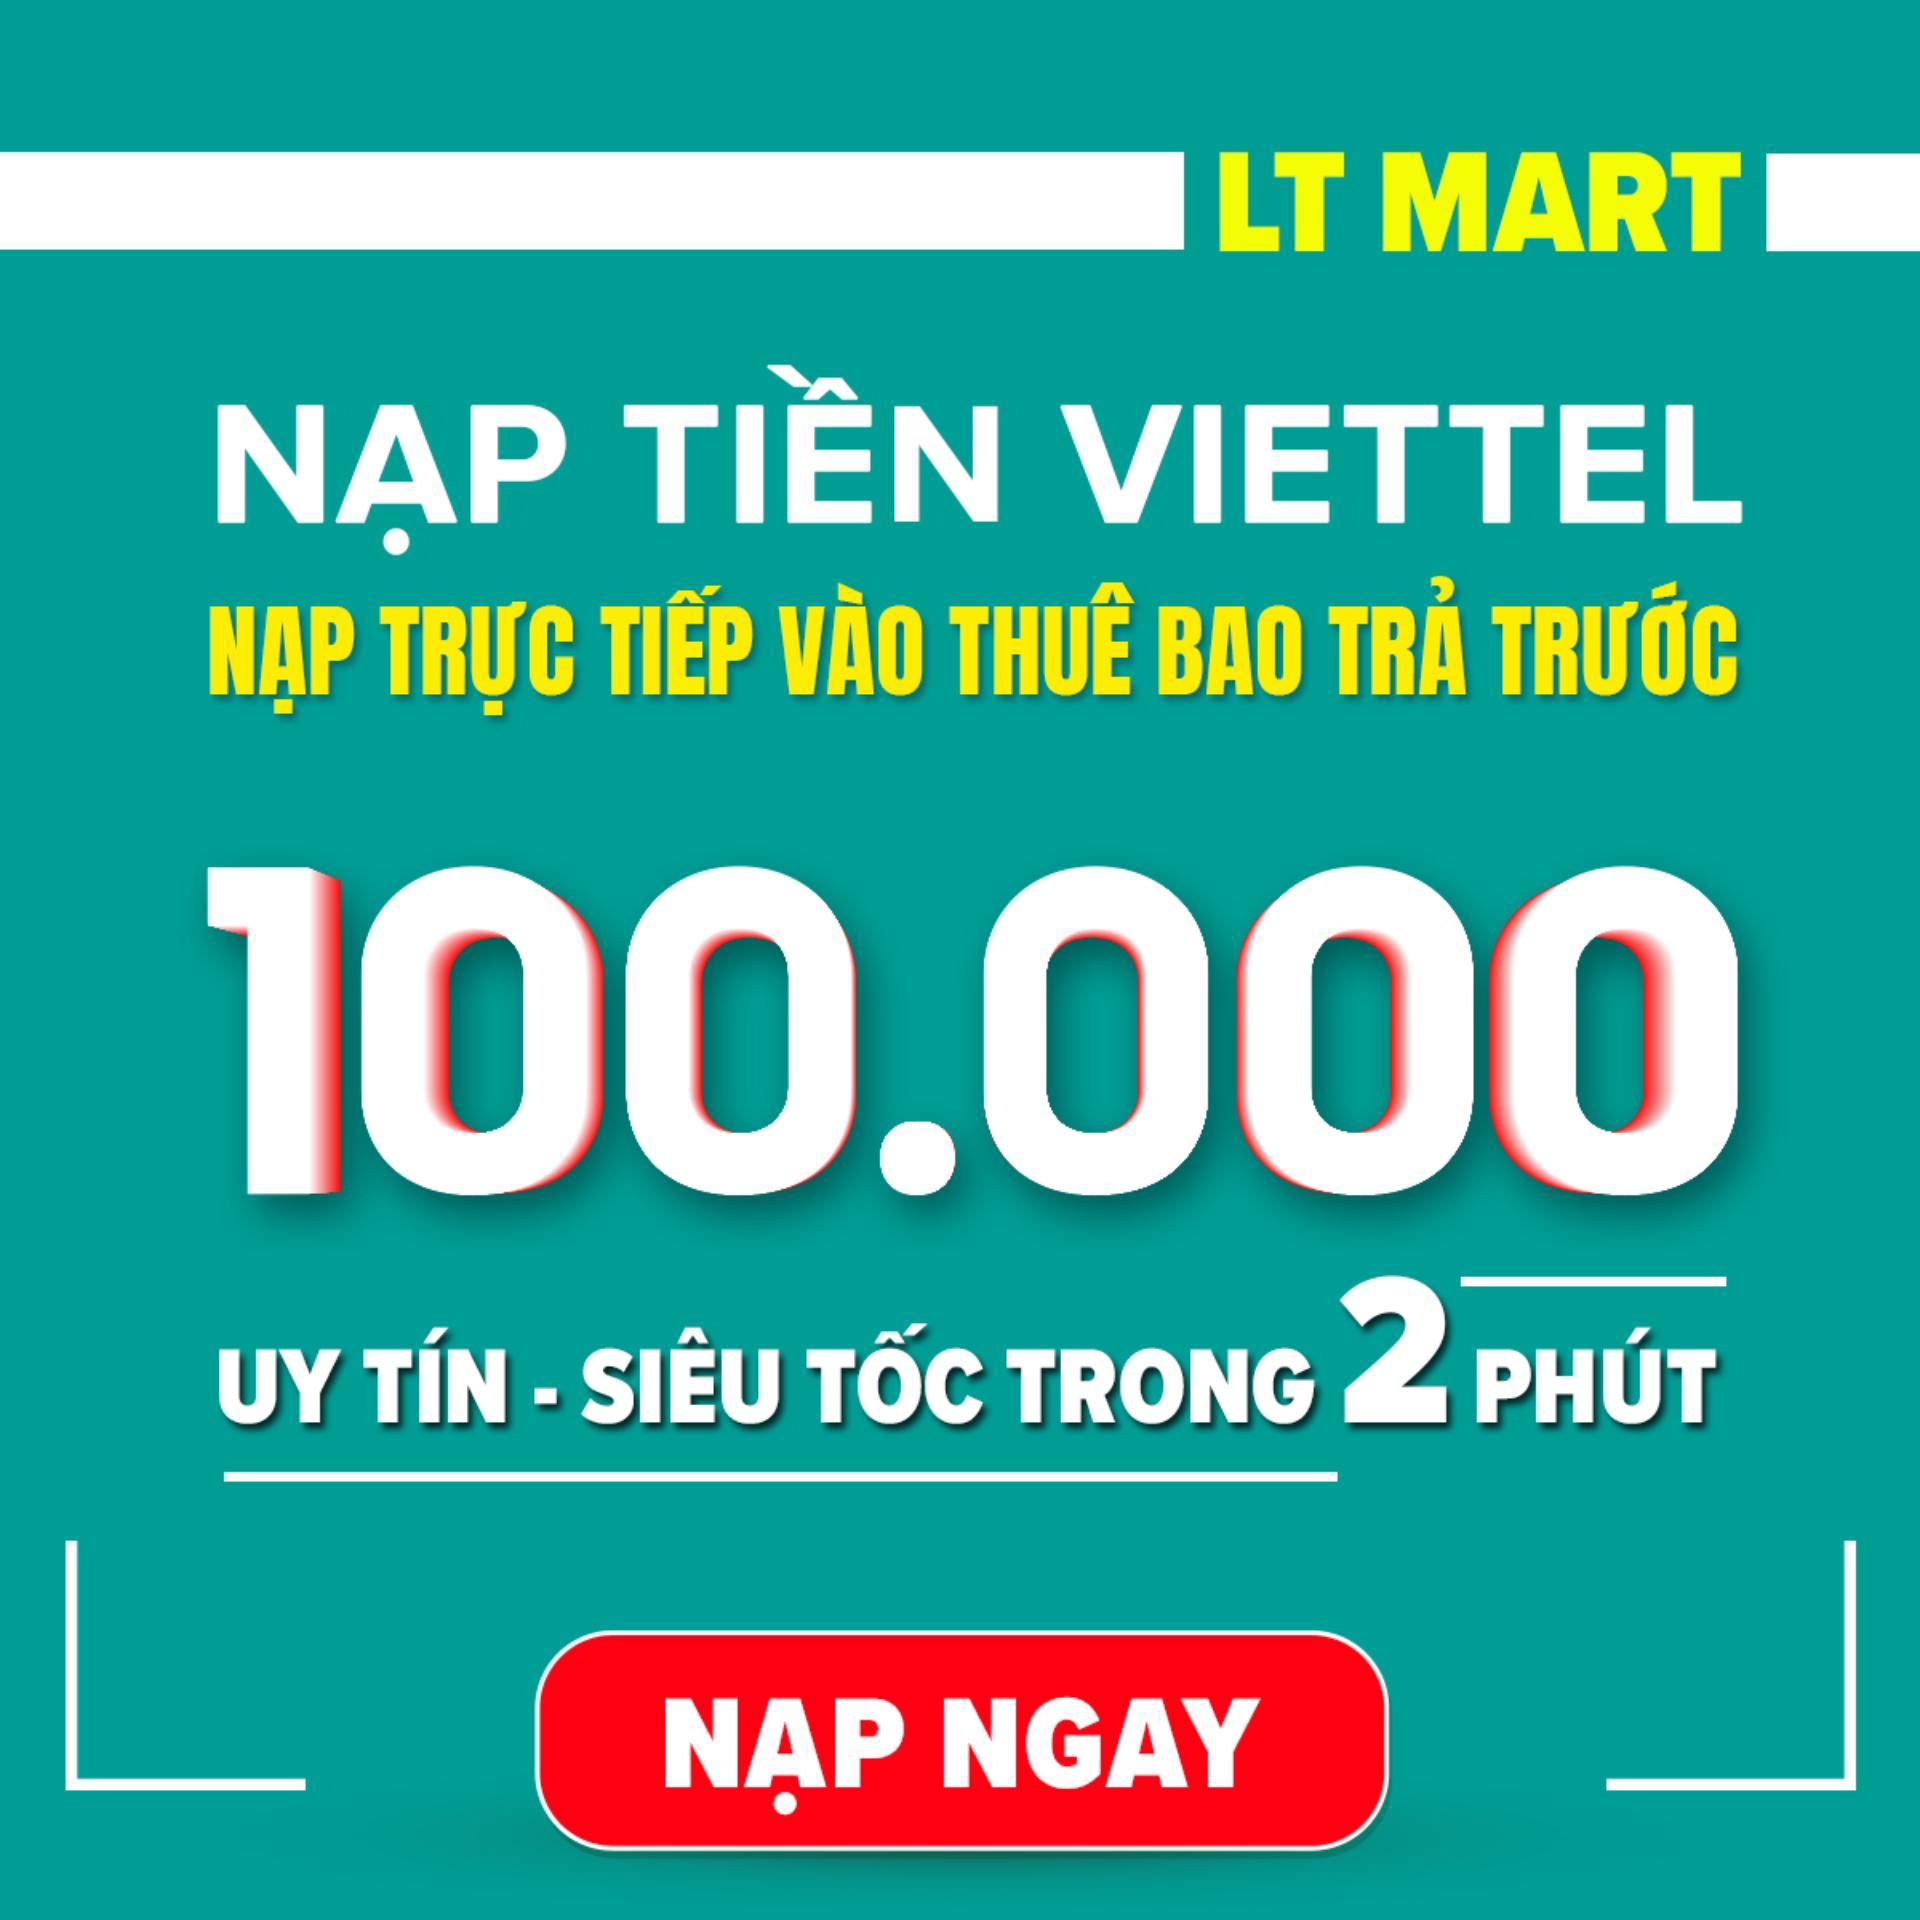 Nạp tiền Viettel 100.000 (Nạp tiền trực tiếp vào thuê bao trả trước của Viettel) LTmart - Uy tín thao tác nhanh chóng [Viettel][100000]